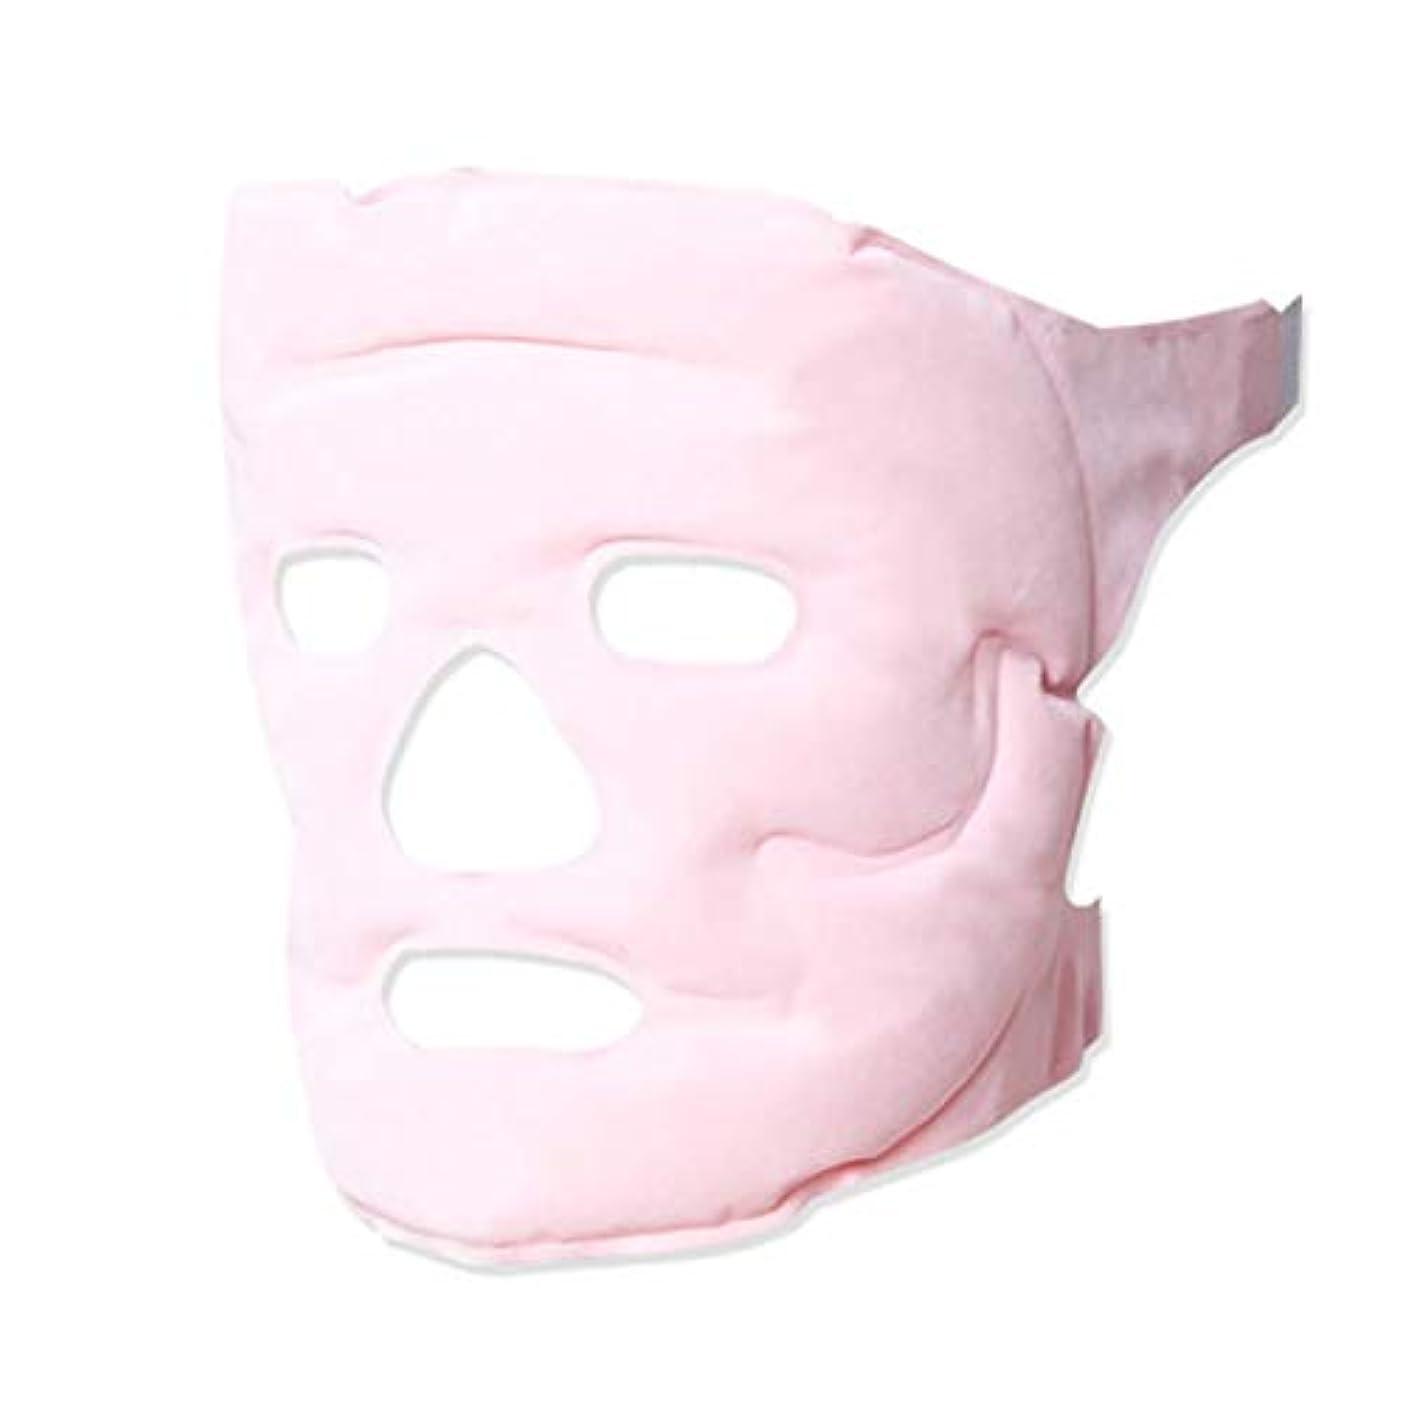 休日に摩擦ラフトvフェイスマスク睡眠薄い顔で美容マスク磁気療法リフティングフェイシャル引き締め判決パターン包帯アーティファクトピンク